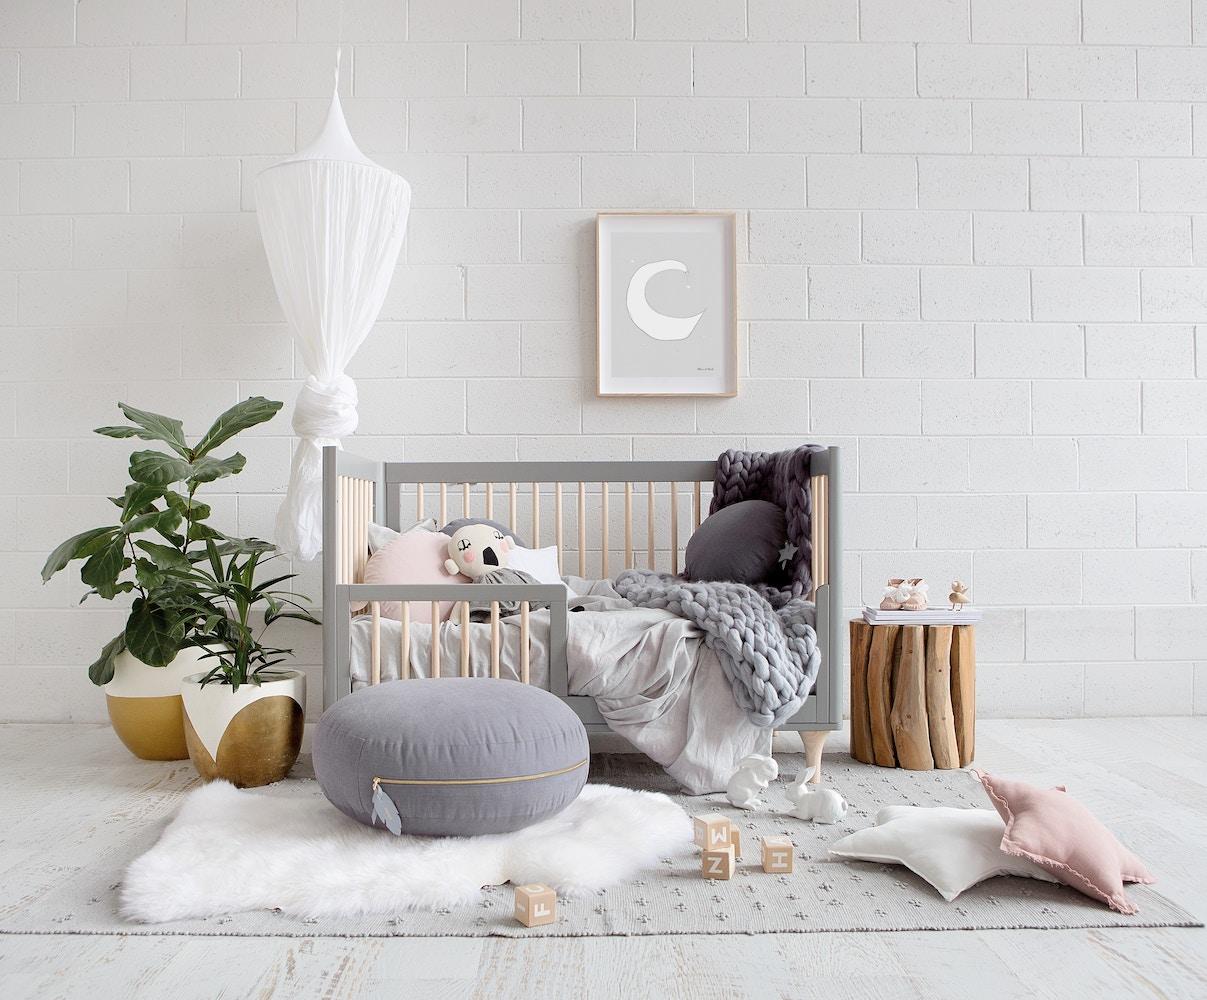 Shop The Look | Little Connoisseur